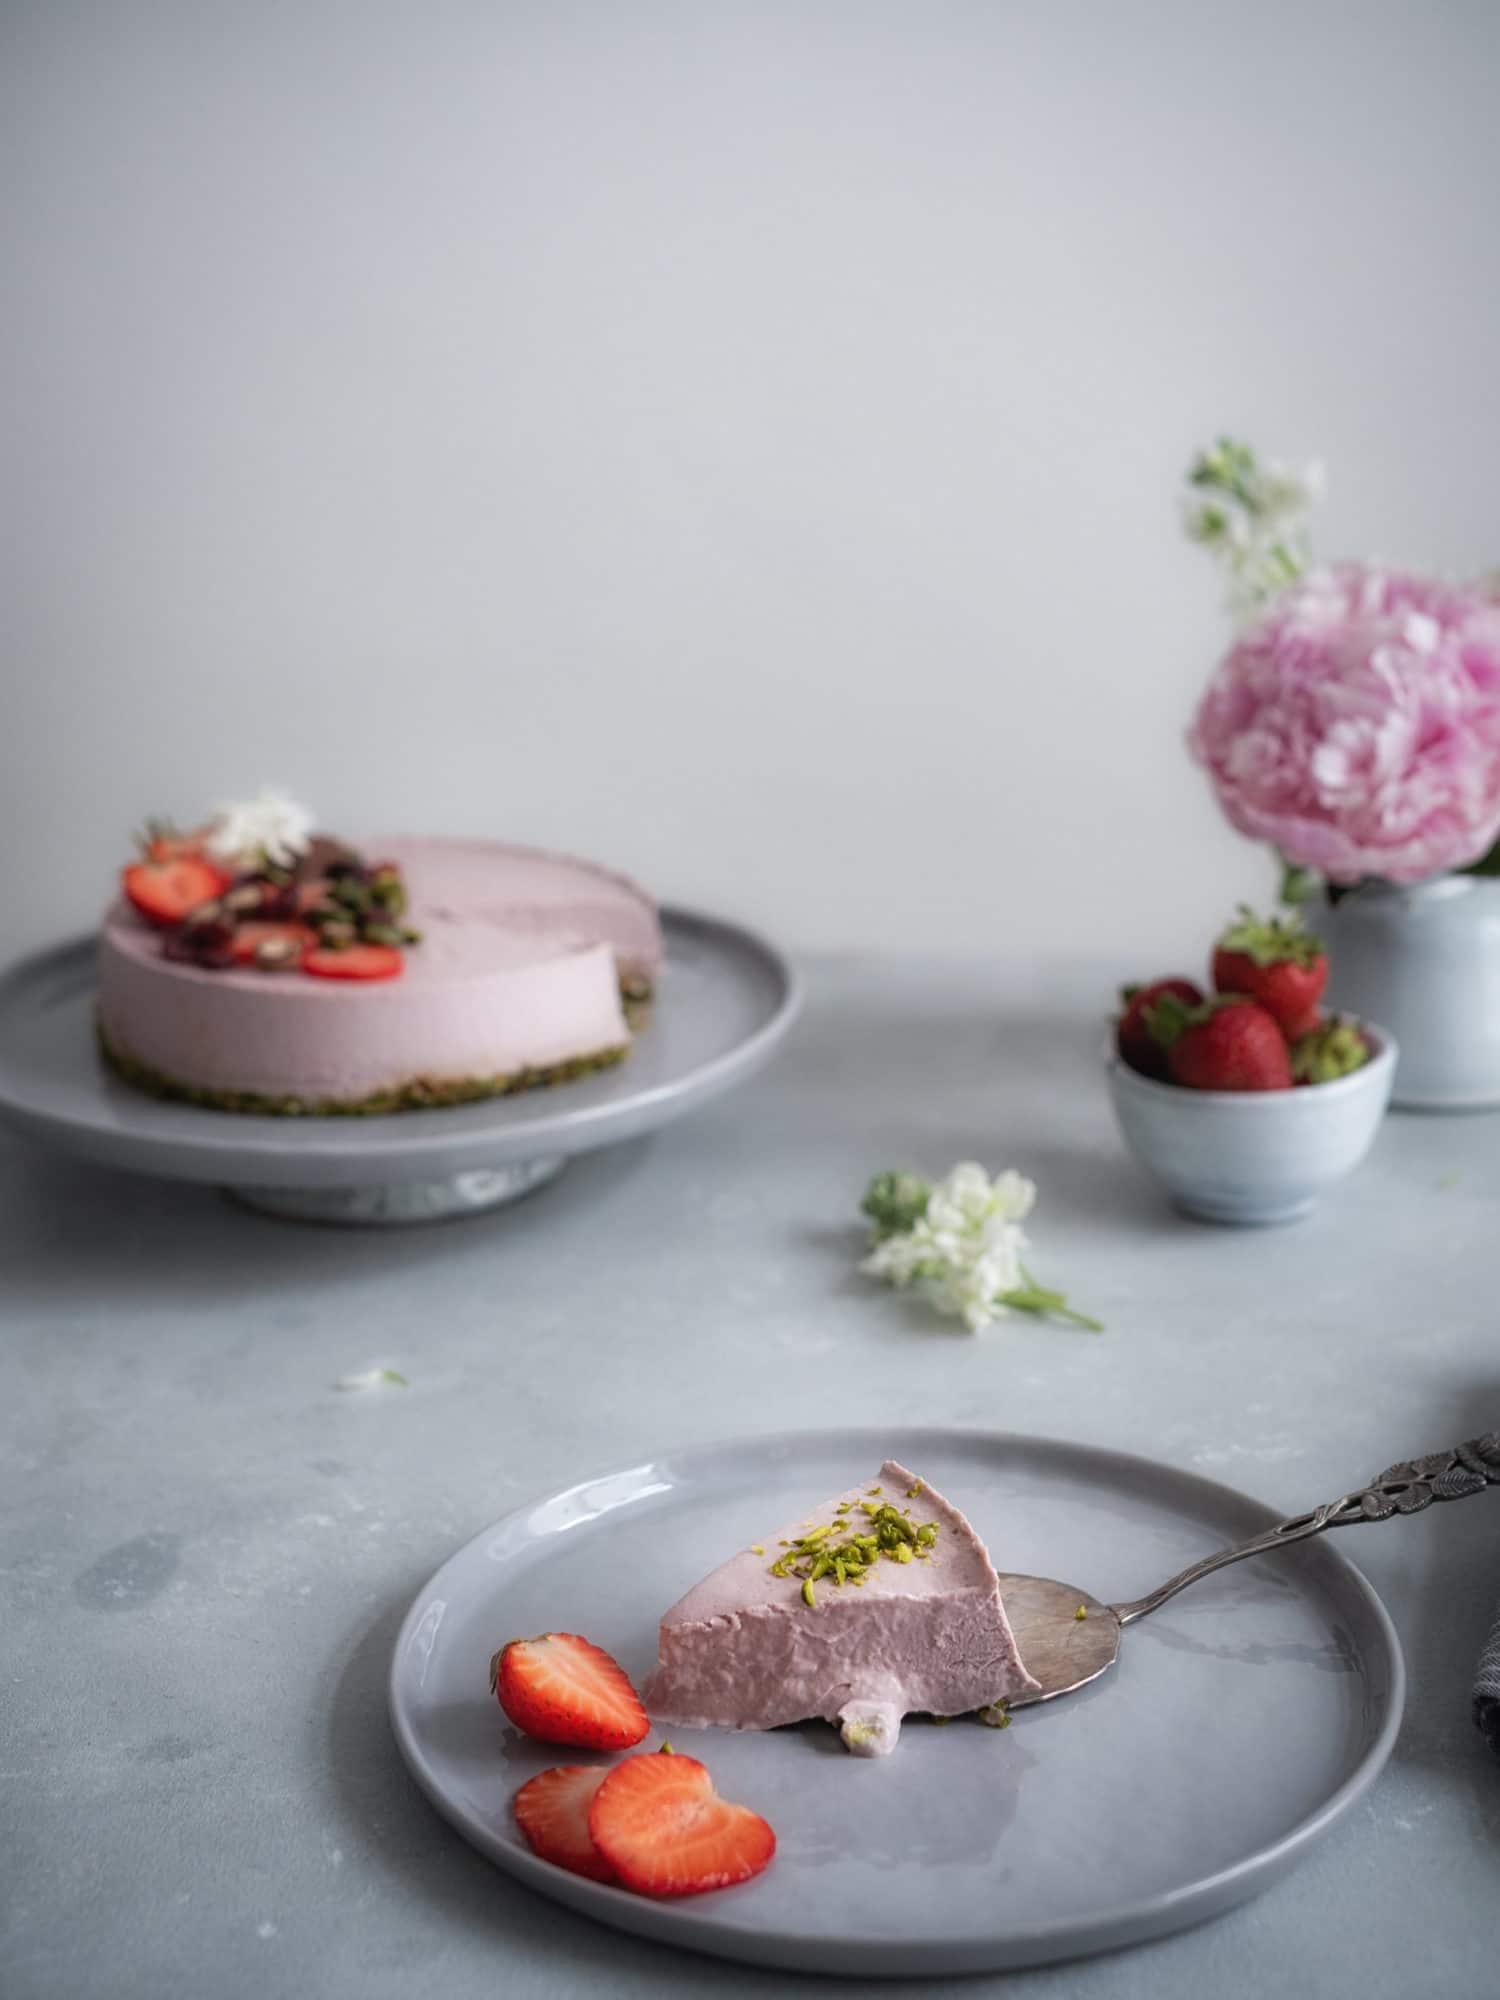 Vegane Eistorte mit Beeren auch als Rawcake zu servieren.